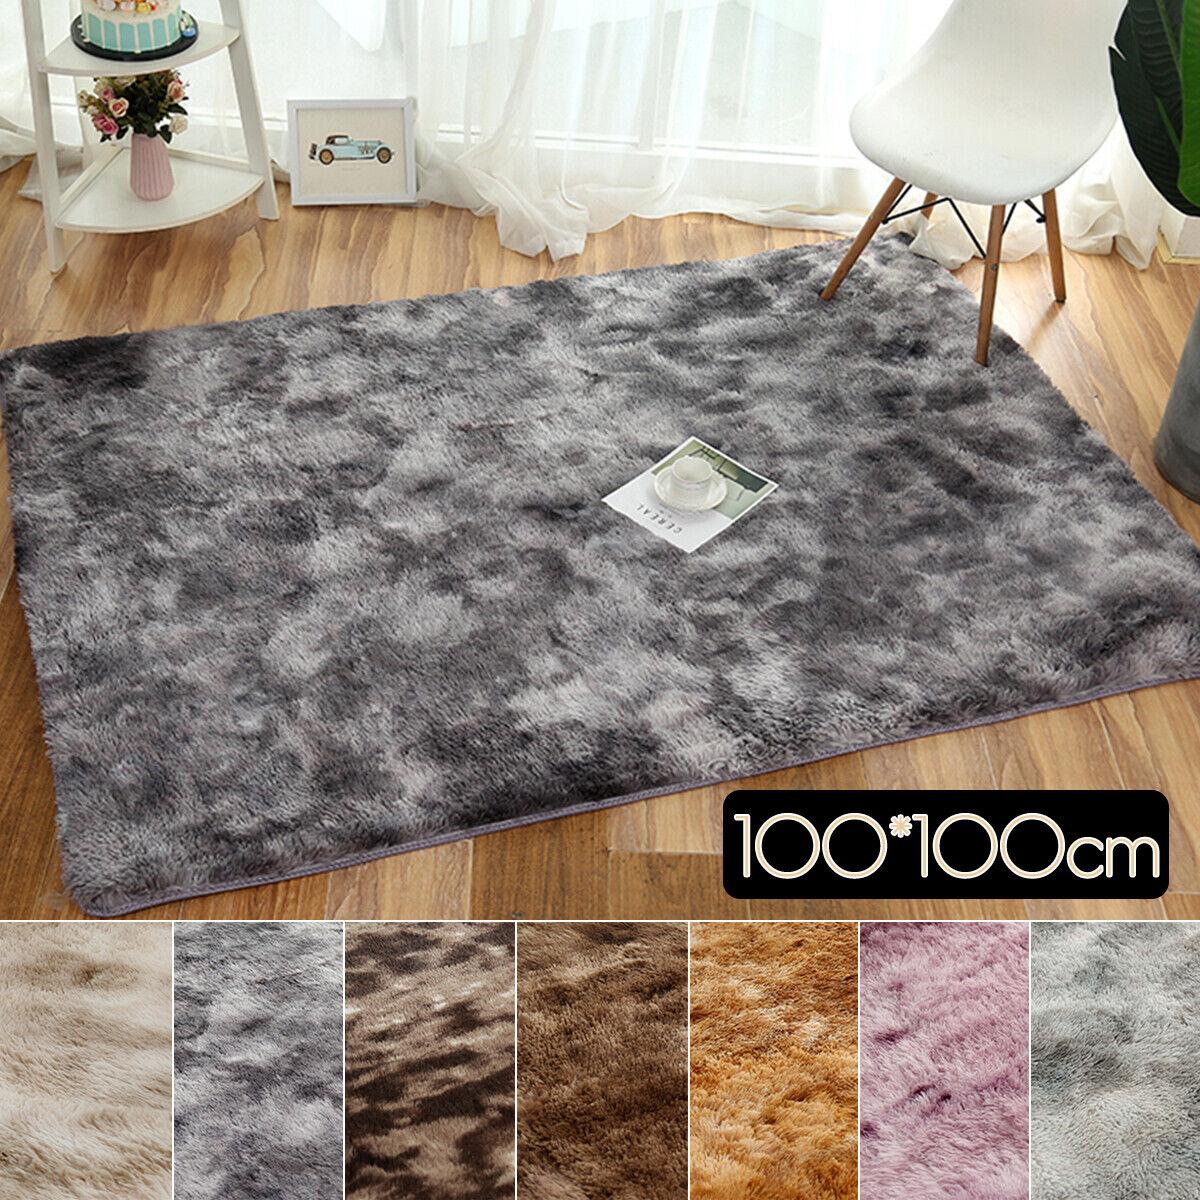 Rugs Area Anti Slip Mats Carpet Bedroom Rug For Modern Decor For Sale Online Ebay